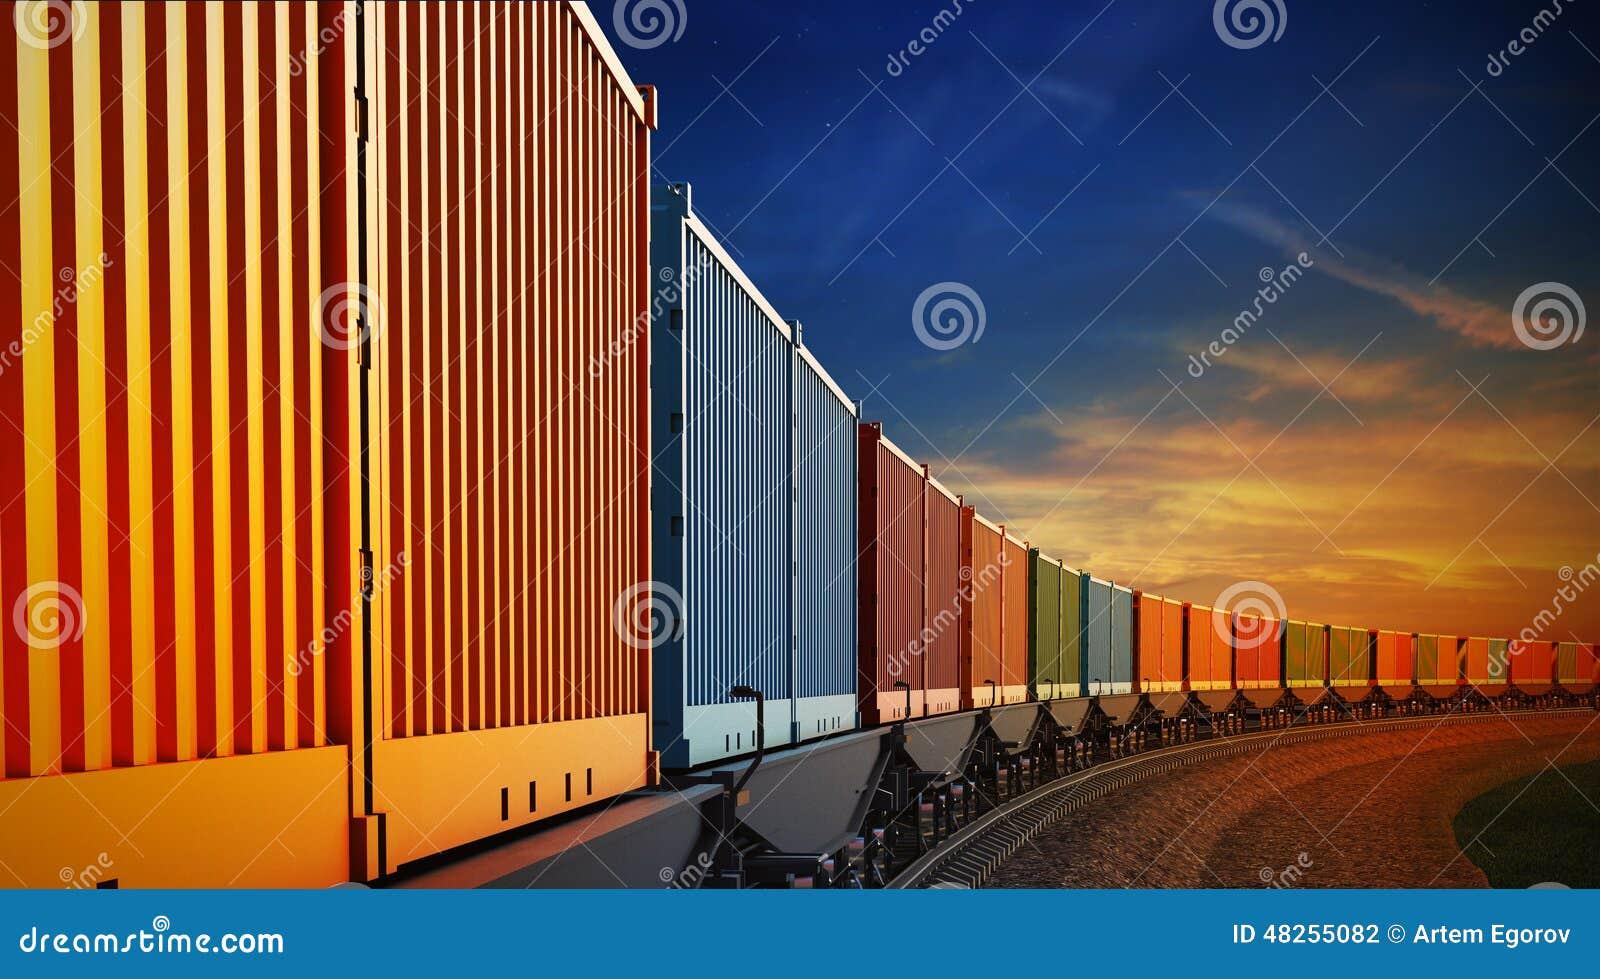 Vagão do trem de mercadorias com os recipientes no fundo do céu